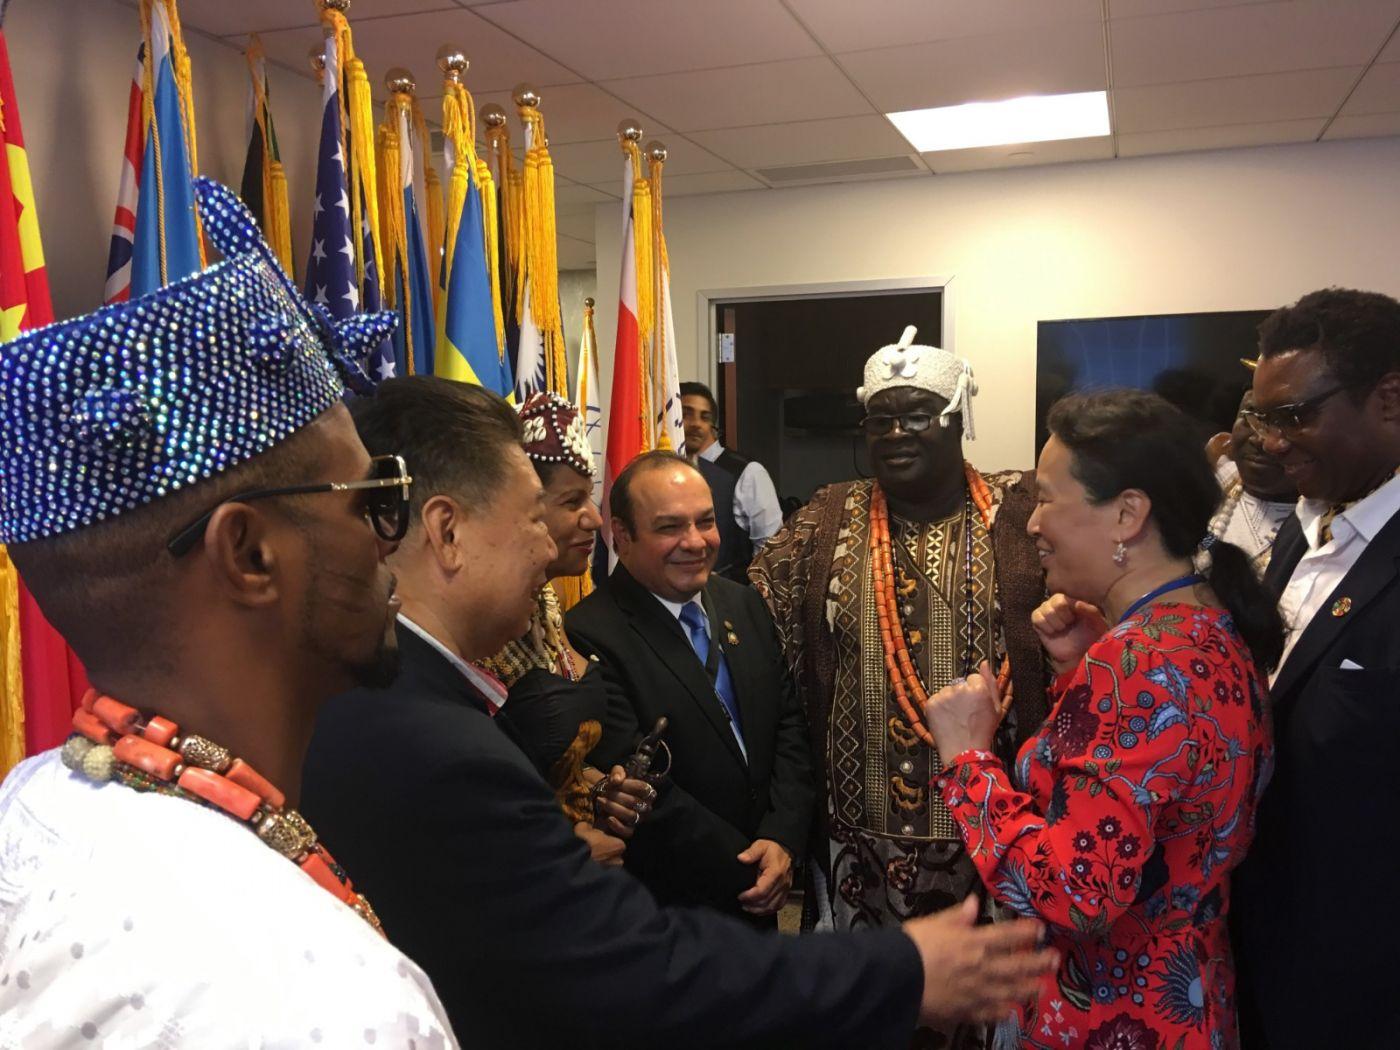 聯合國中華媽祖文化發展基金會受邀参加聯合國納尔遜.曼德拉国际日的一系列活动 ..._图1-5